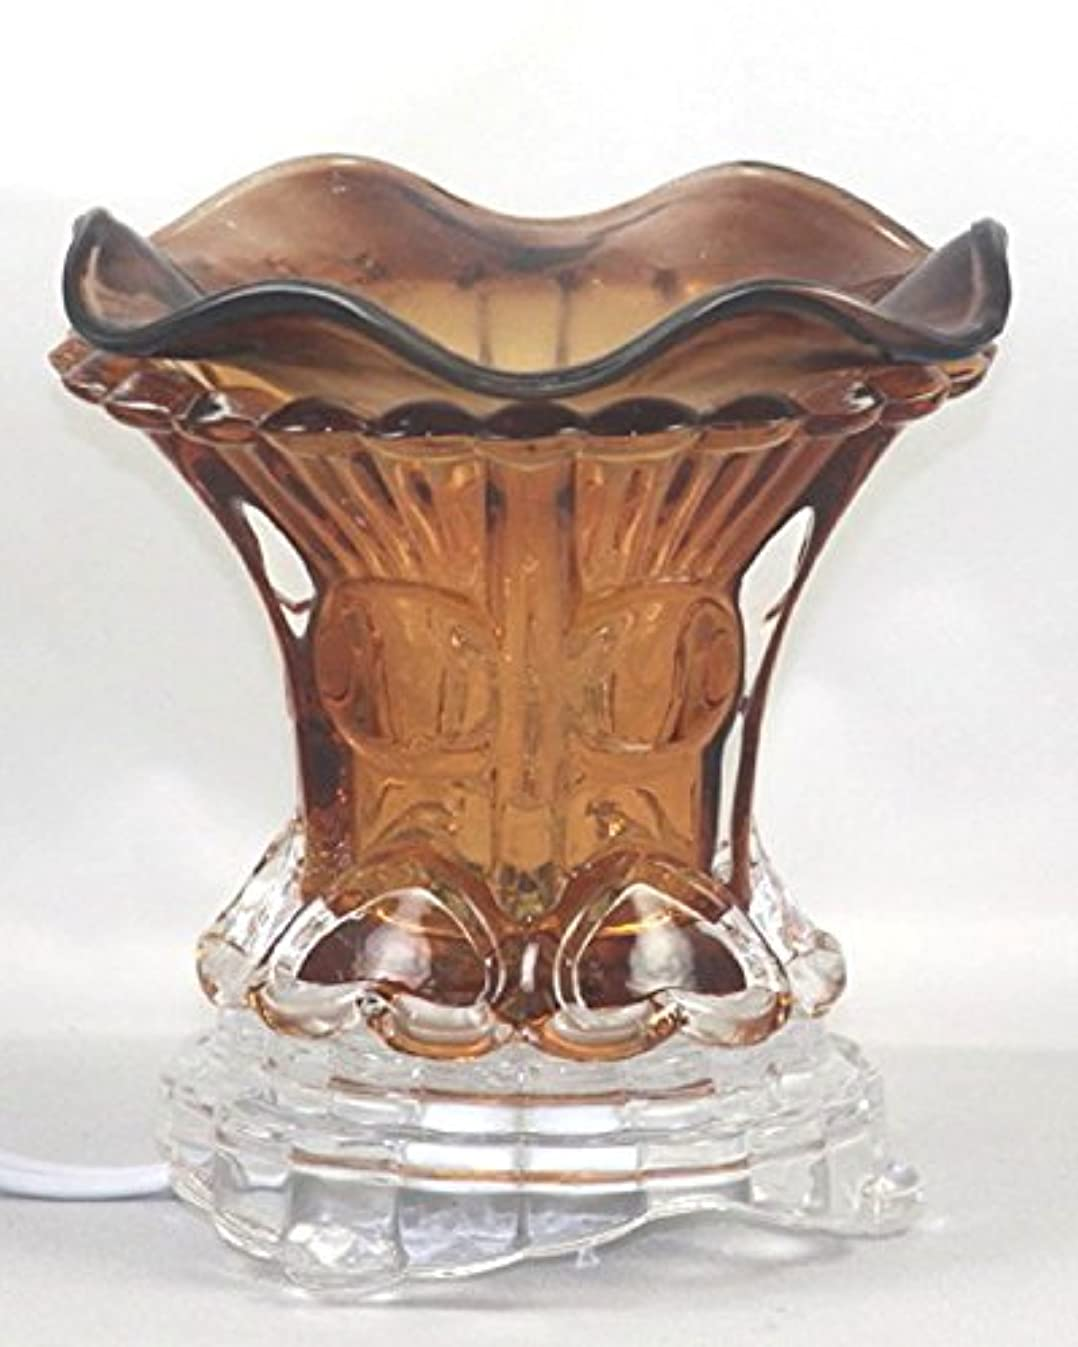 熟読するデッドクラブブラウン( es259brn ) ElectricガラスフレグランスScented Oil Warmer ( Burner / Warmer /ランプ) withディマースイッチ